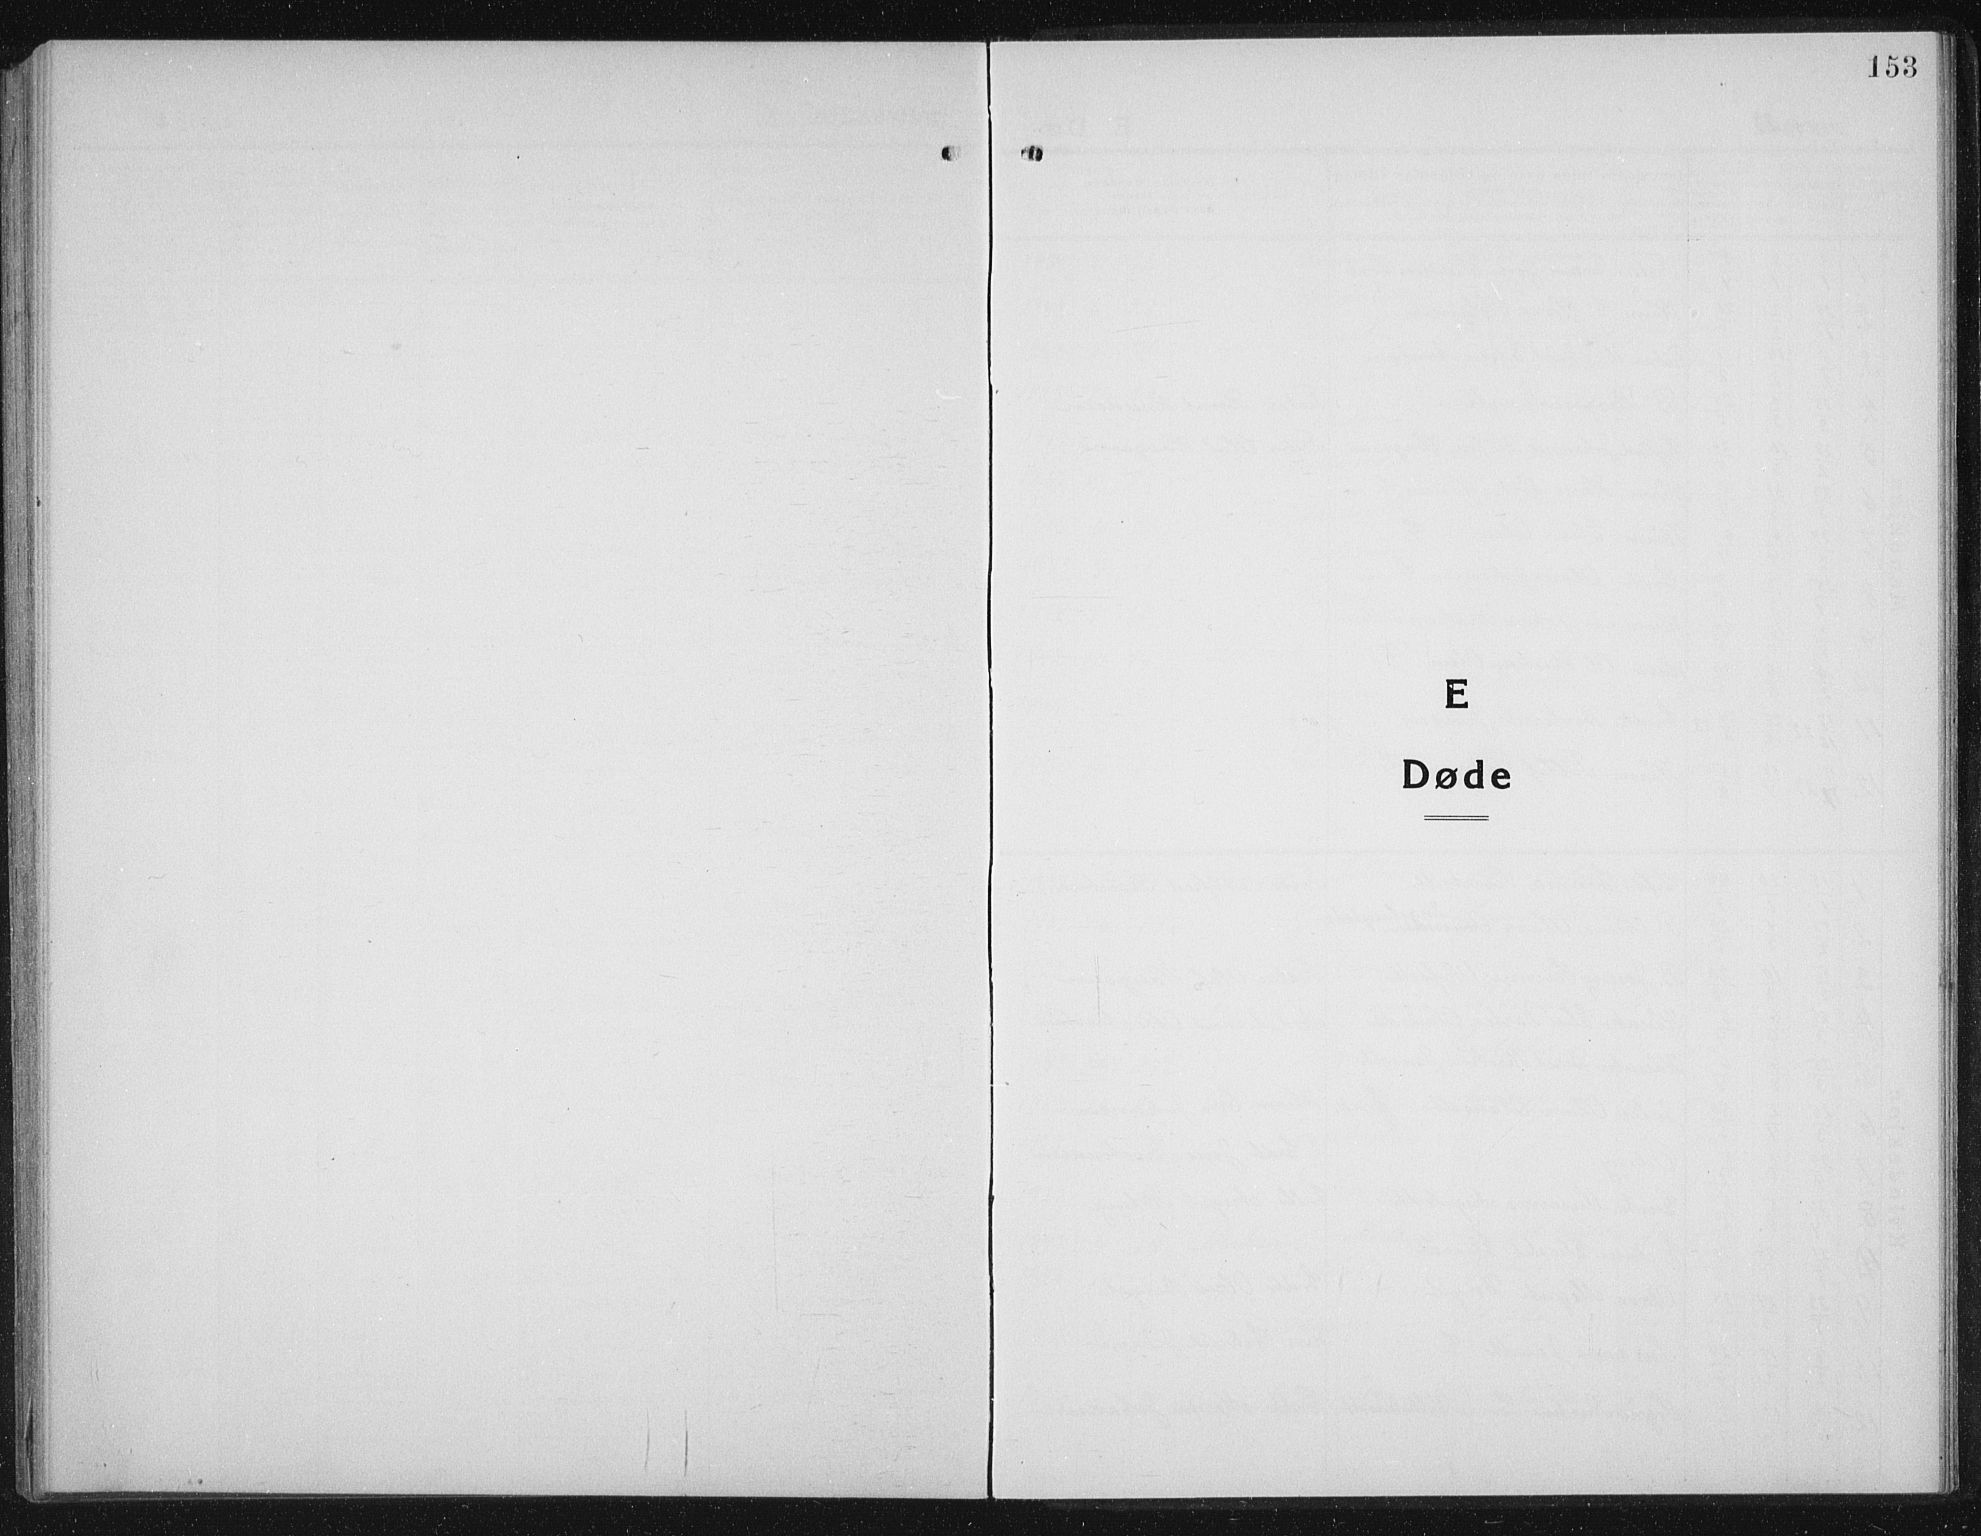 SAT, Ministerialprotokoller, klokkerbøker og fødselsregistre - Sør-Trøndelag, 655/L0689: Klokkerbok nr. 655C05, 1922-1936, s. 153